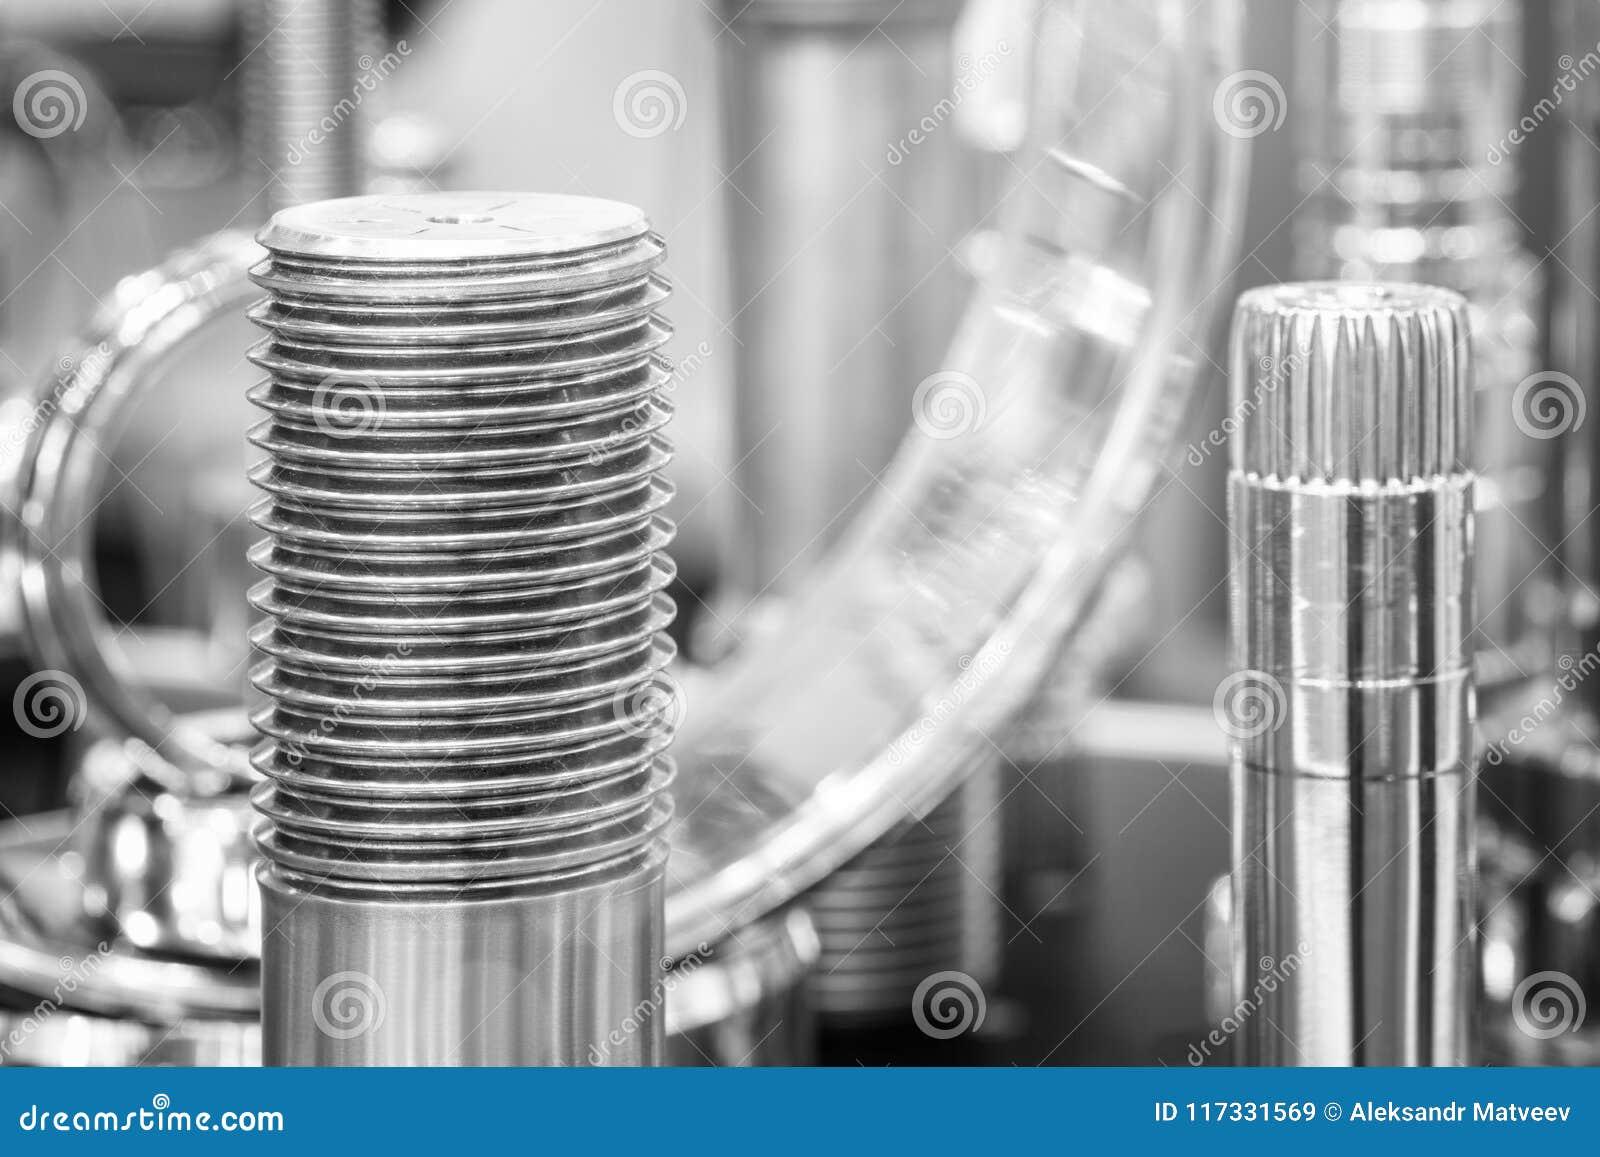 Muitos tipos de metal detalham o fundo do projeto industrial